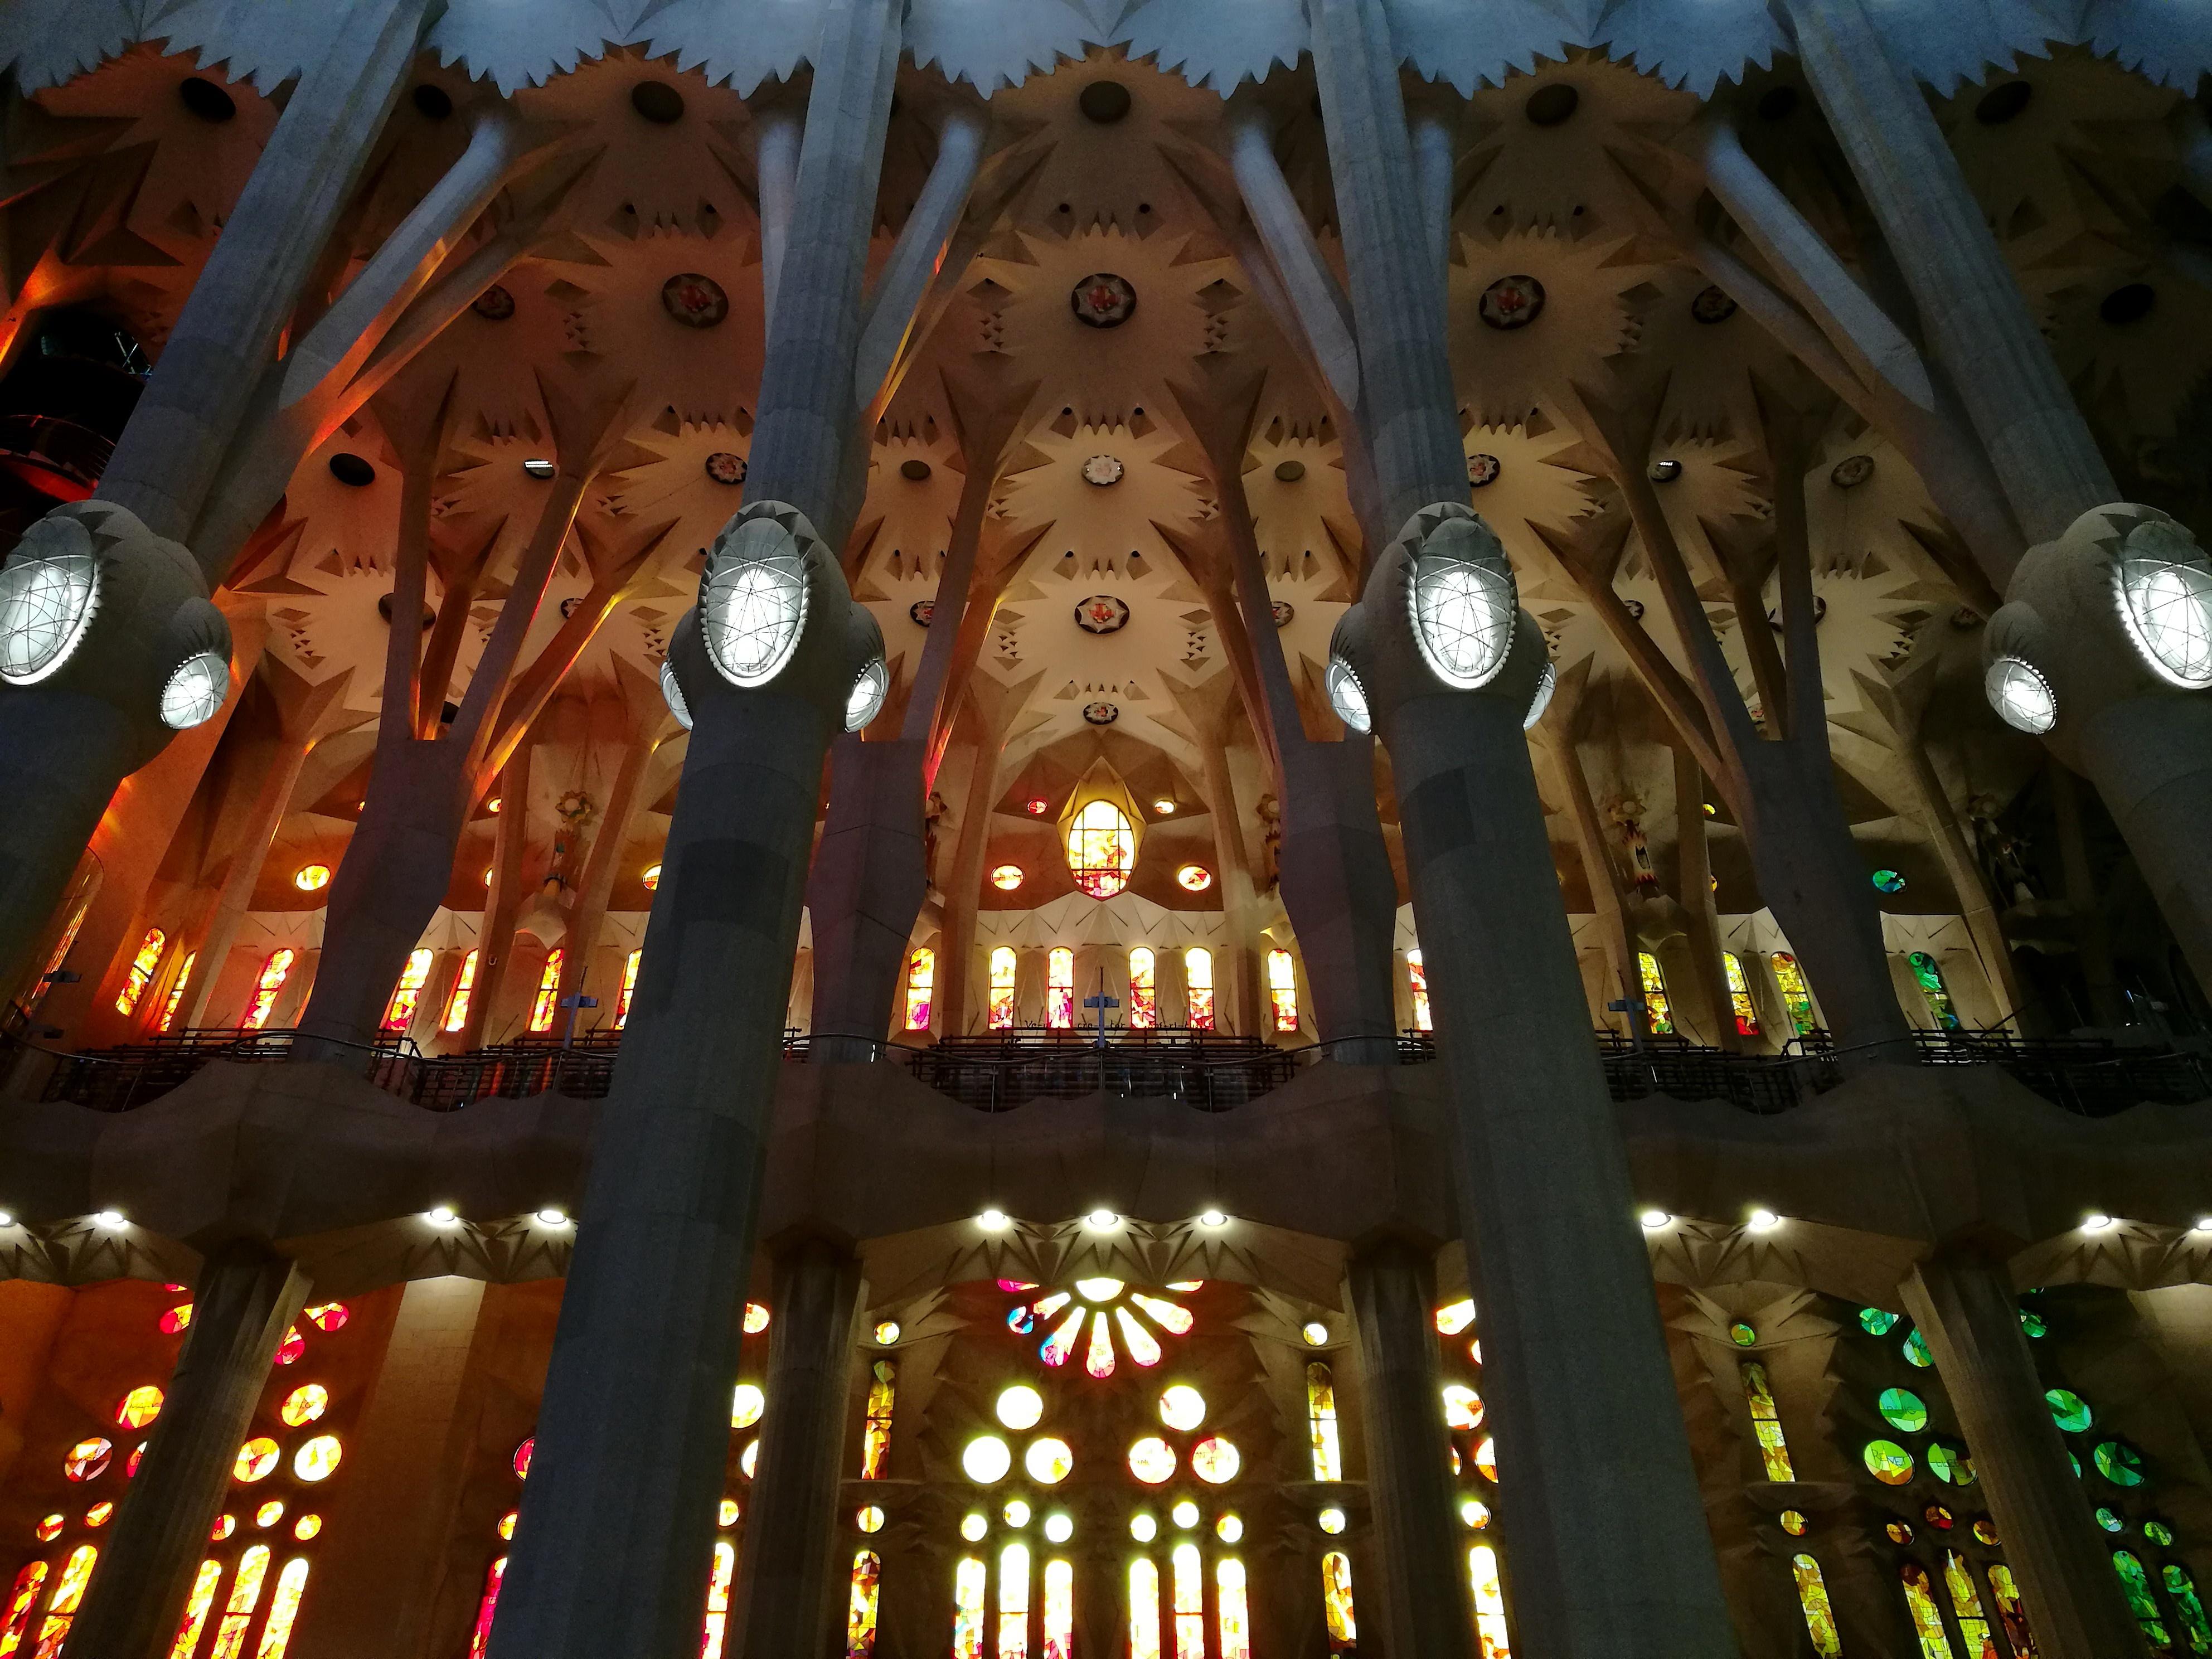 Proctor en Segovia visits the Sagrada Familia